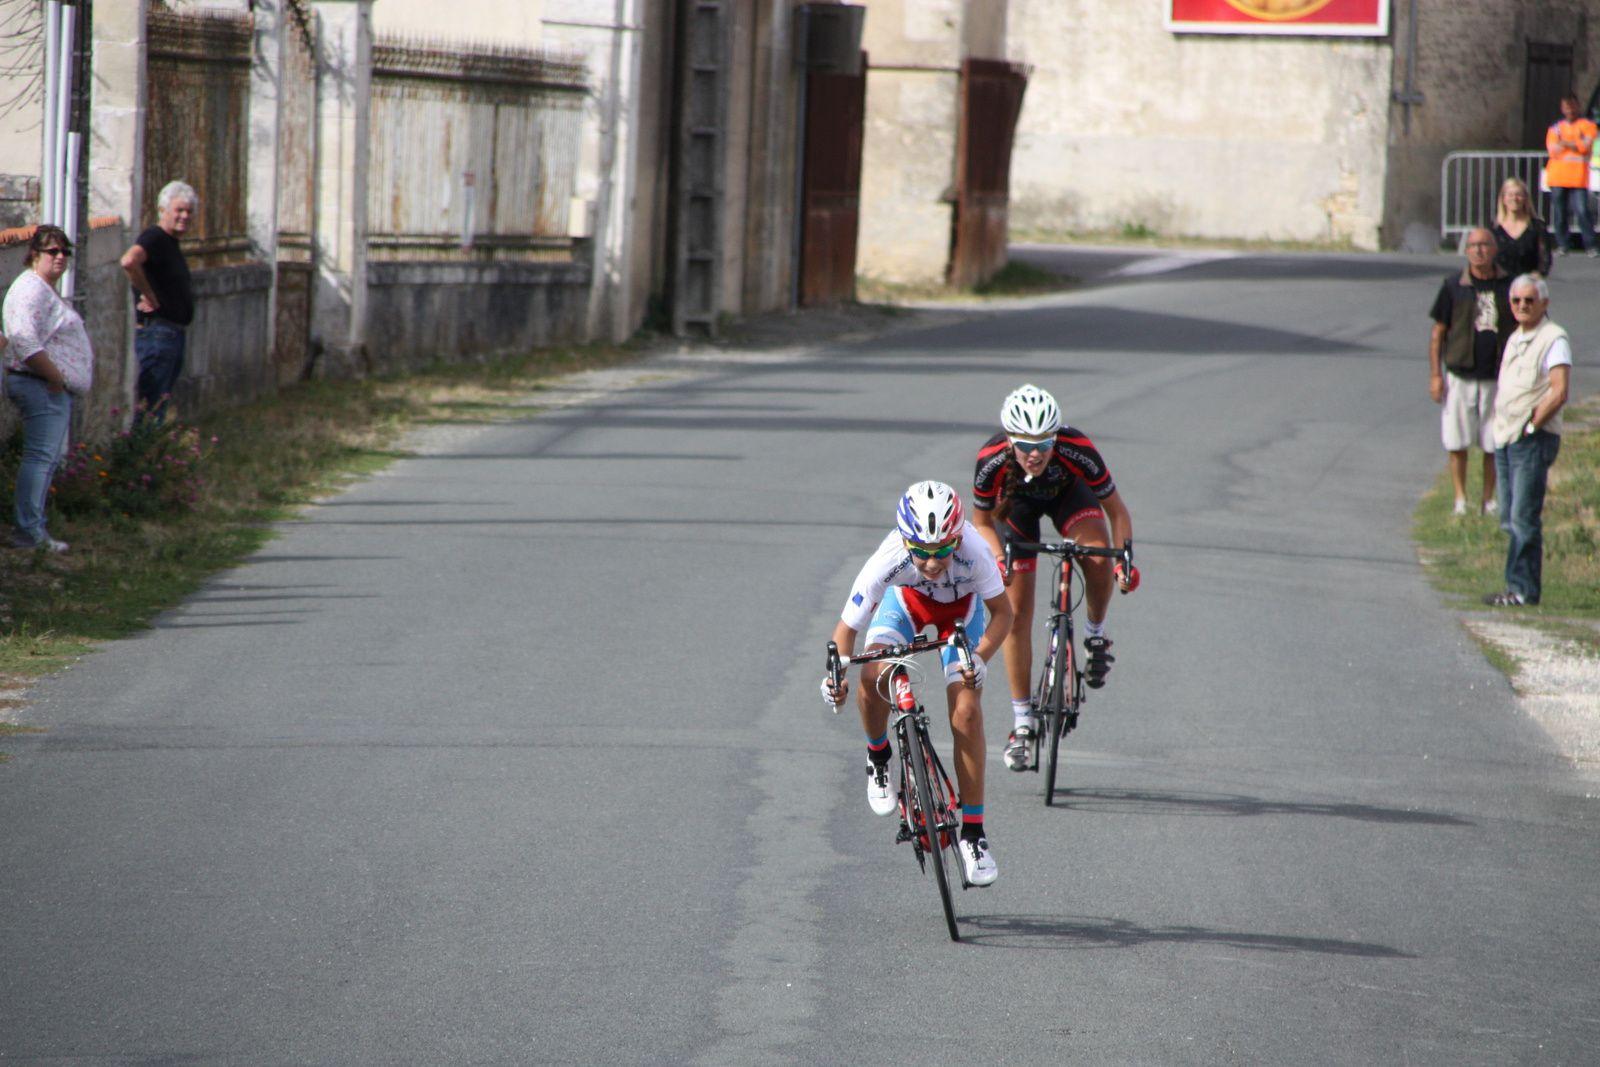 6e  Kilian  CLERJEAUD(VC  Charente-Océan), 7e  Maélys  LEGENDRE(C  Poitevin), 8e  Romain  ROSELLO(Côte de Beauté C), 9e  Tristan  DUFROS(VCCO), 10e  Franck  CAILLAUD(VC  Saintes), 11e  Aymeric  FROMAGET(CR  Pouzauges), 12e  Martin  GRANDRIE(P  St  Florent), 13e  Maxence  ANNONIER(P  St  Florent), 14e  Maxence  PAUL(VC  Rochefort), 15e  Théo  RENAUDET(VC  Rochefort), 16e  Pauline  FAURE(AC  Macqueville), 17e  Melissa  NESTER(VC Les Herbiers), 18e  Eva  COLLET(VC  Rochefort).